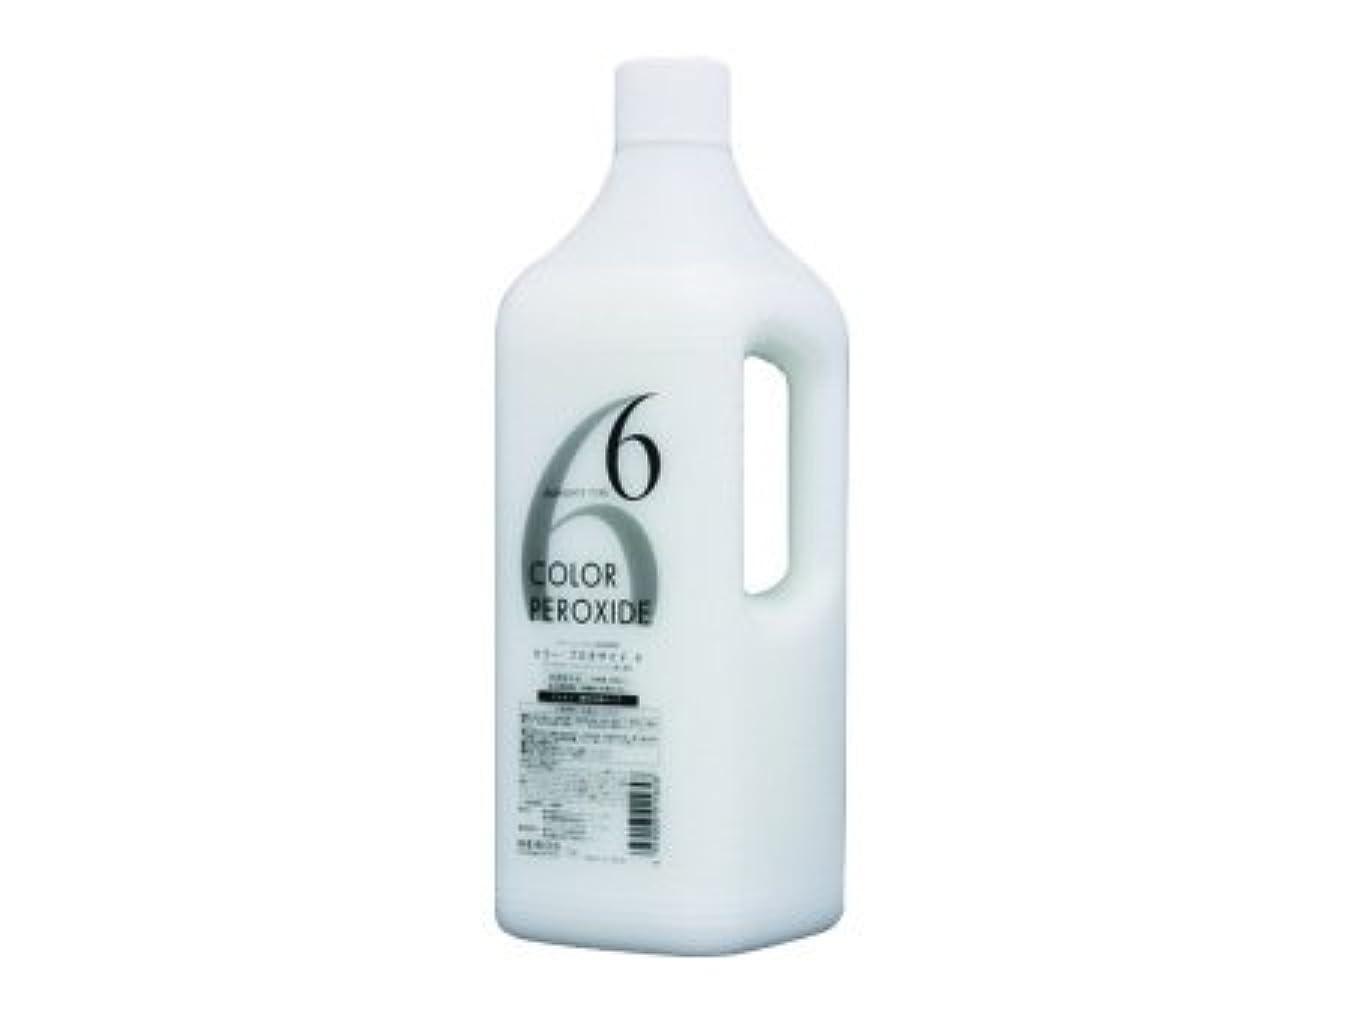 終わったマーキングクリームメロスコスメティックス ヘアカラーファンデーション プロキサイド?ヘアカラー用2剤 6% 2000ml